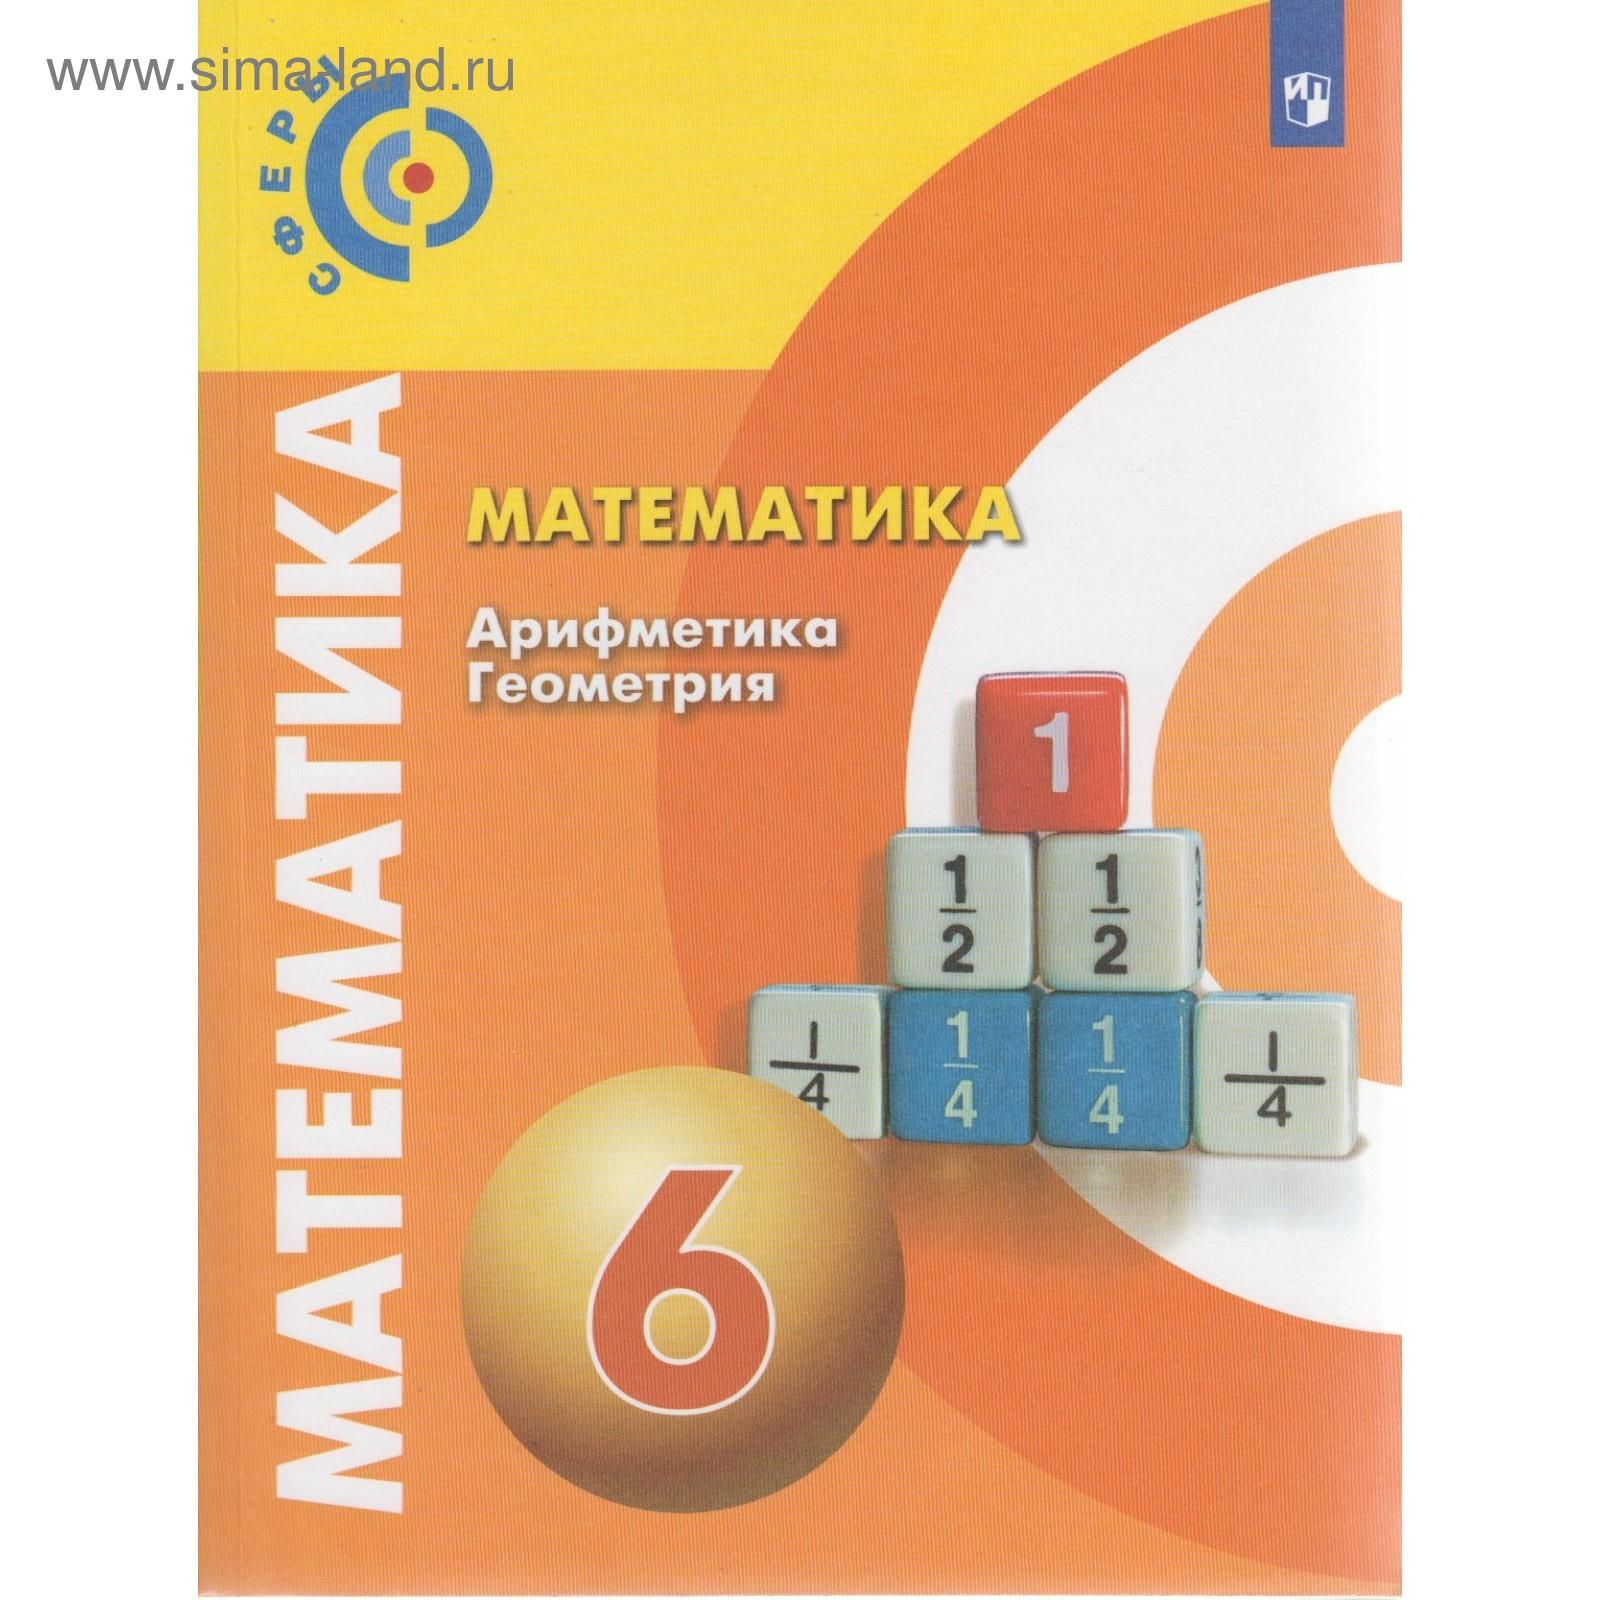 гдз по математике 6 класс арифметика геометрия сфера